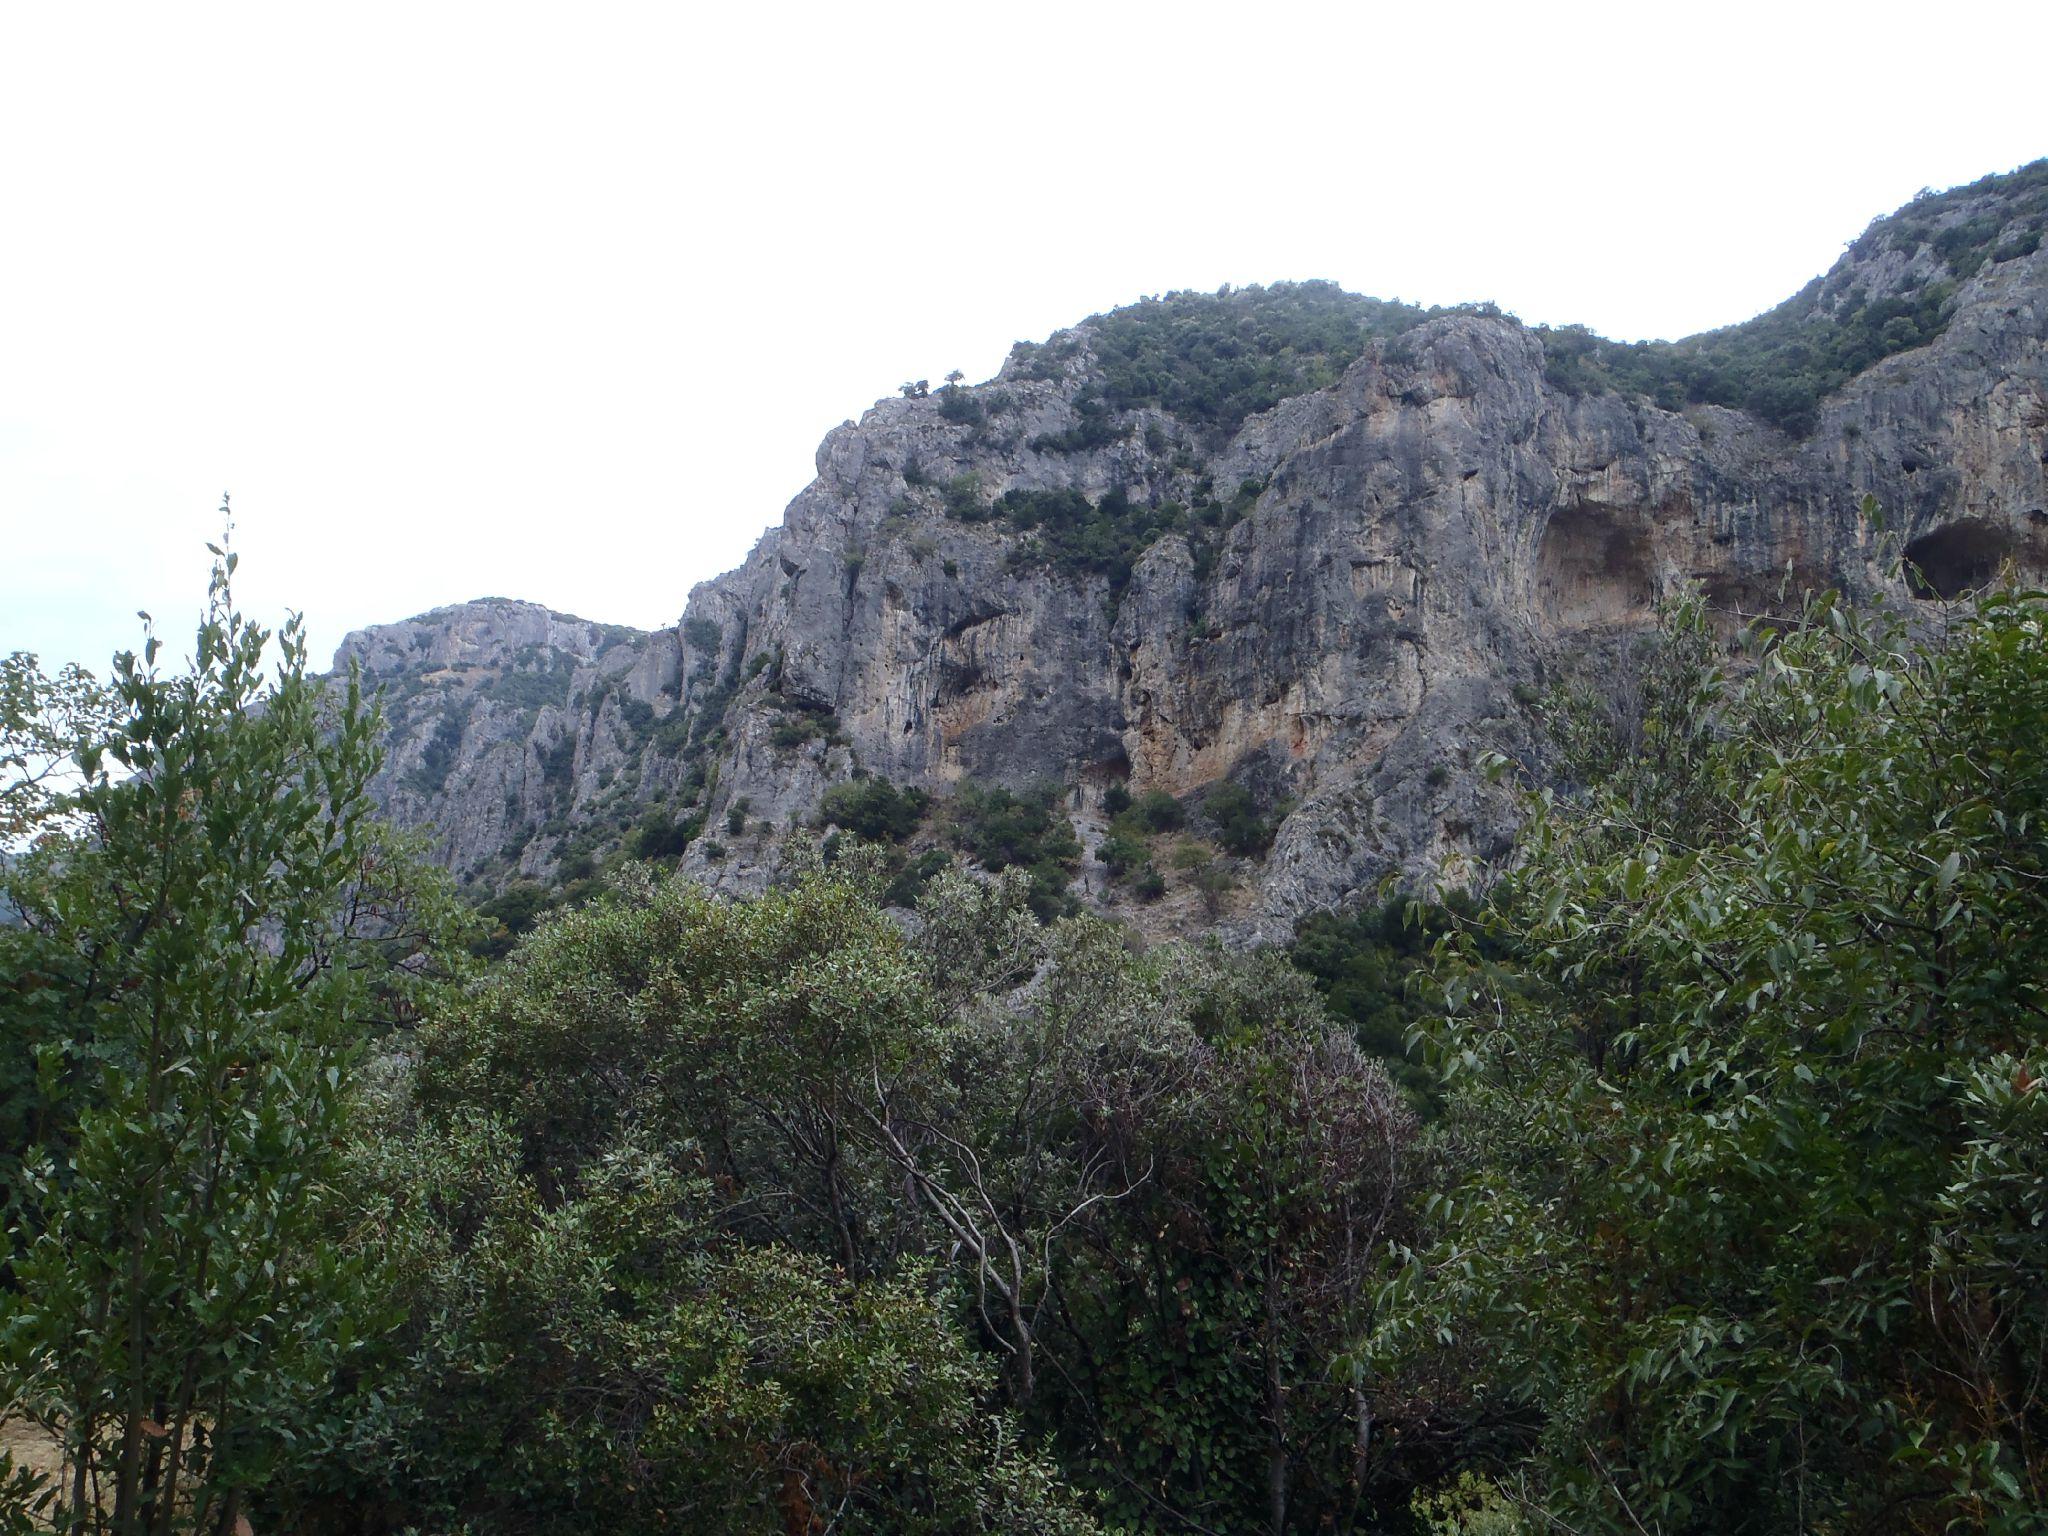 grece : falaise et grottes